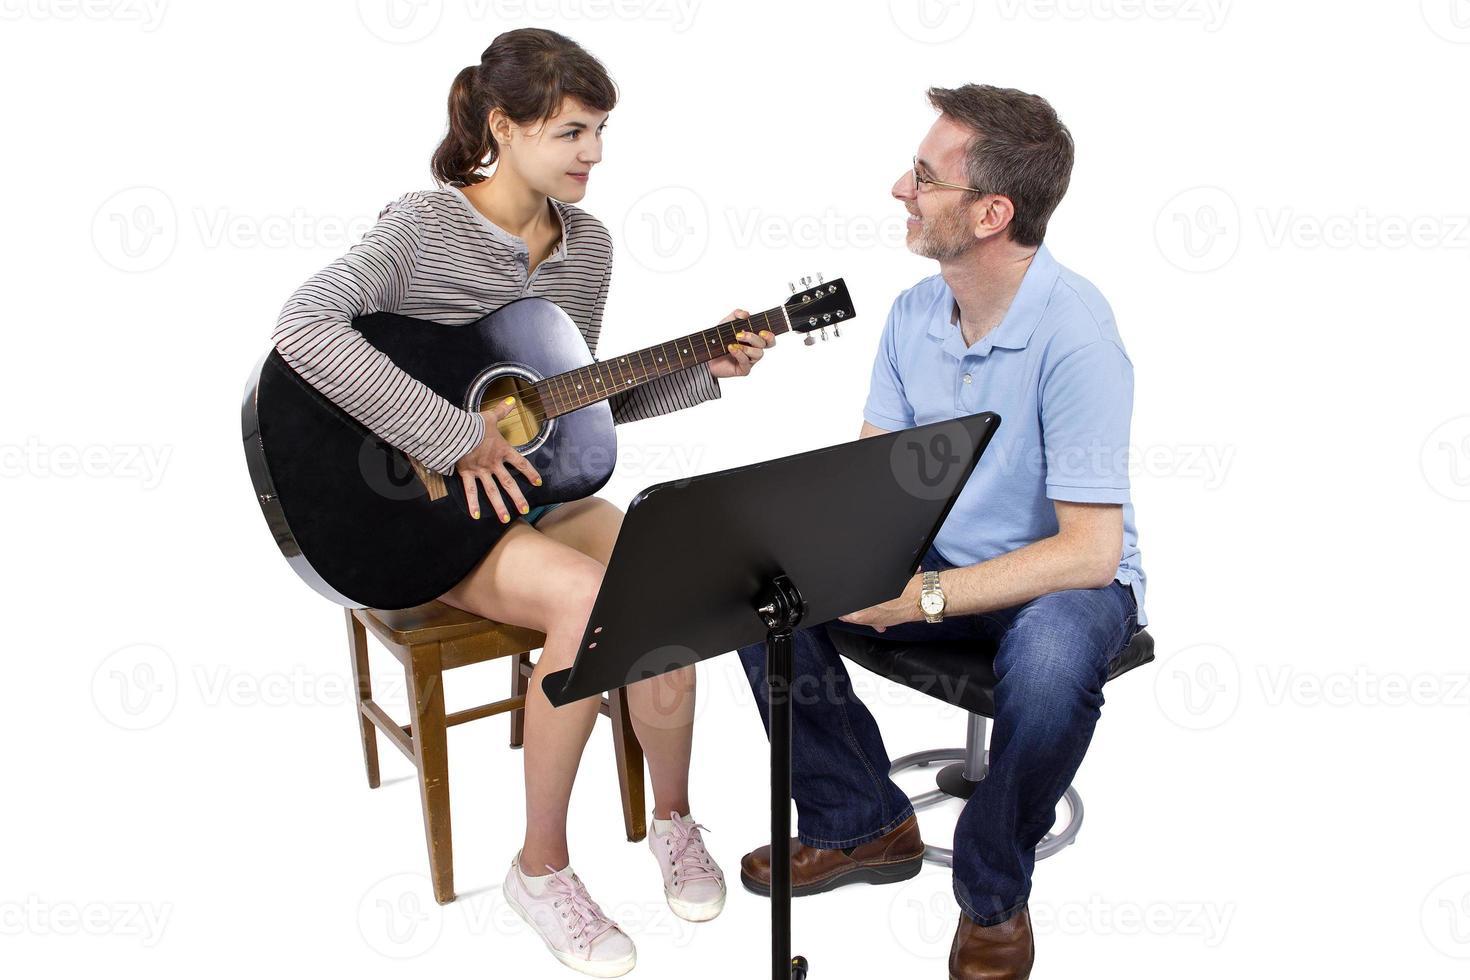 musik klasser med gitarr foto